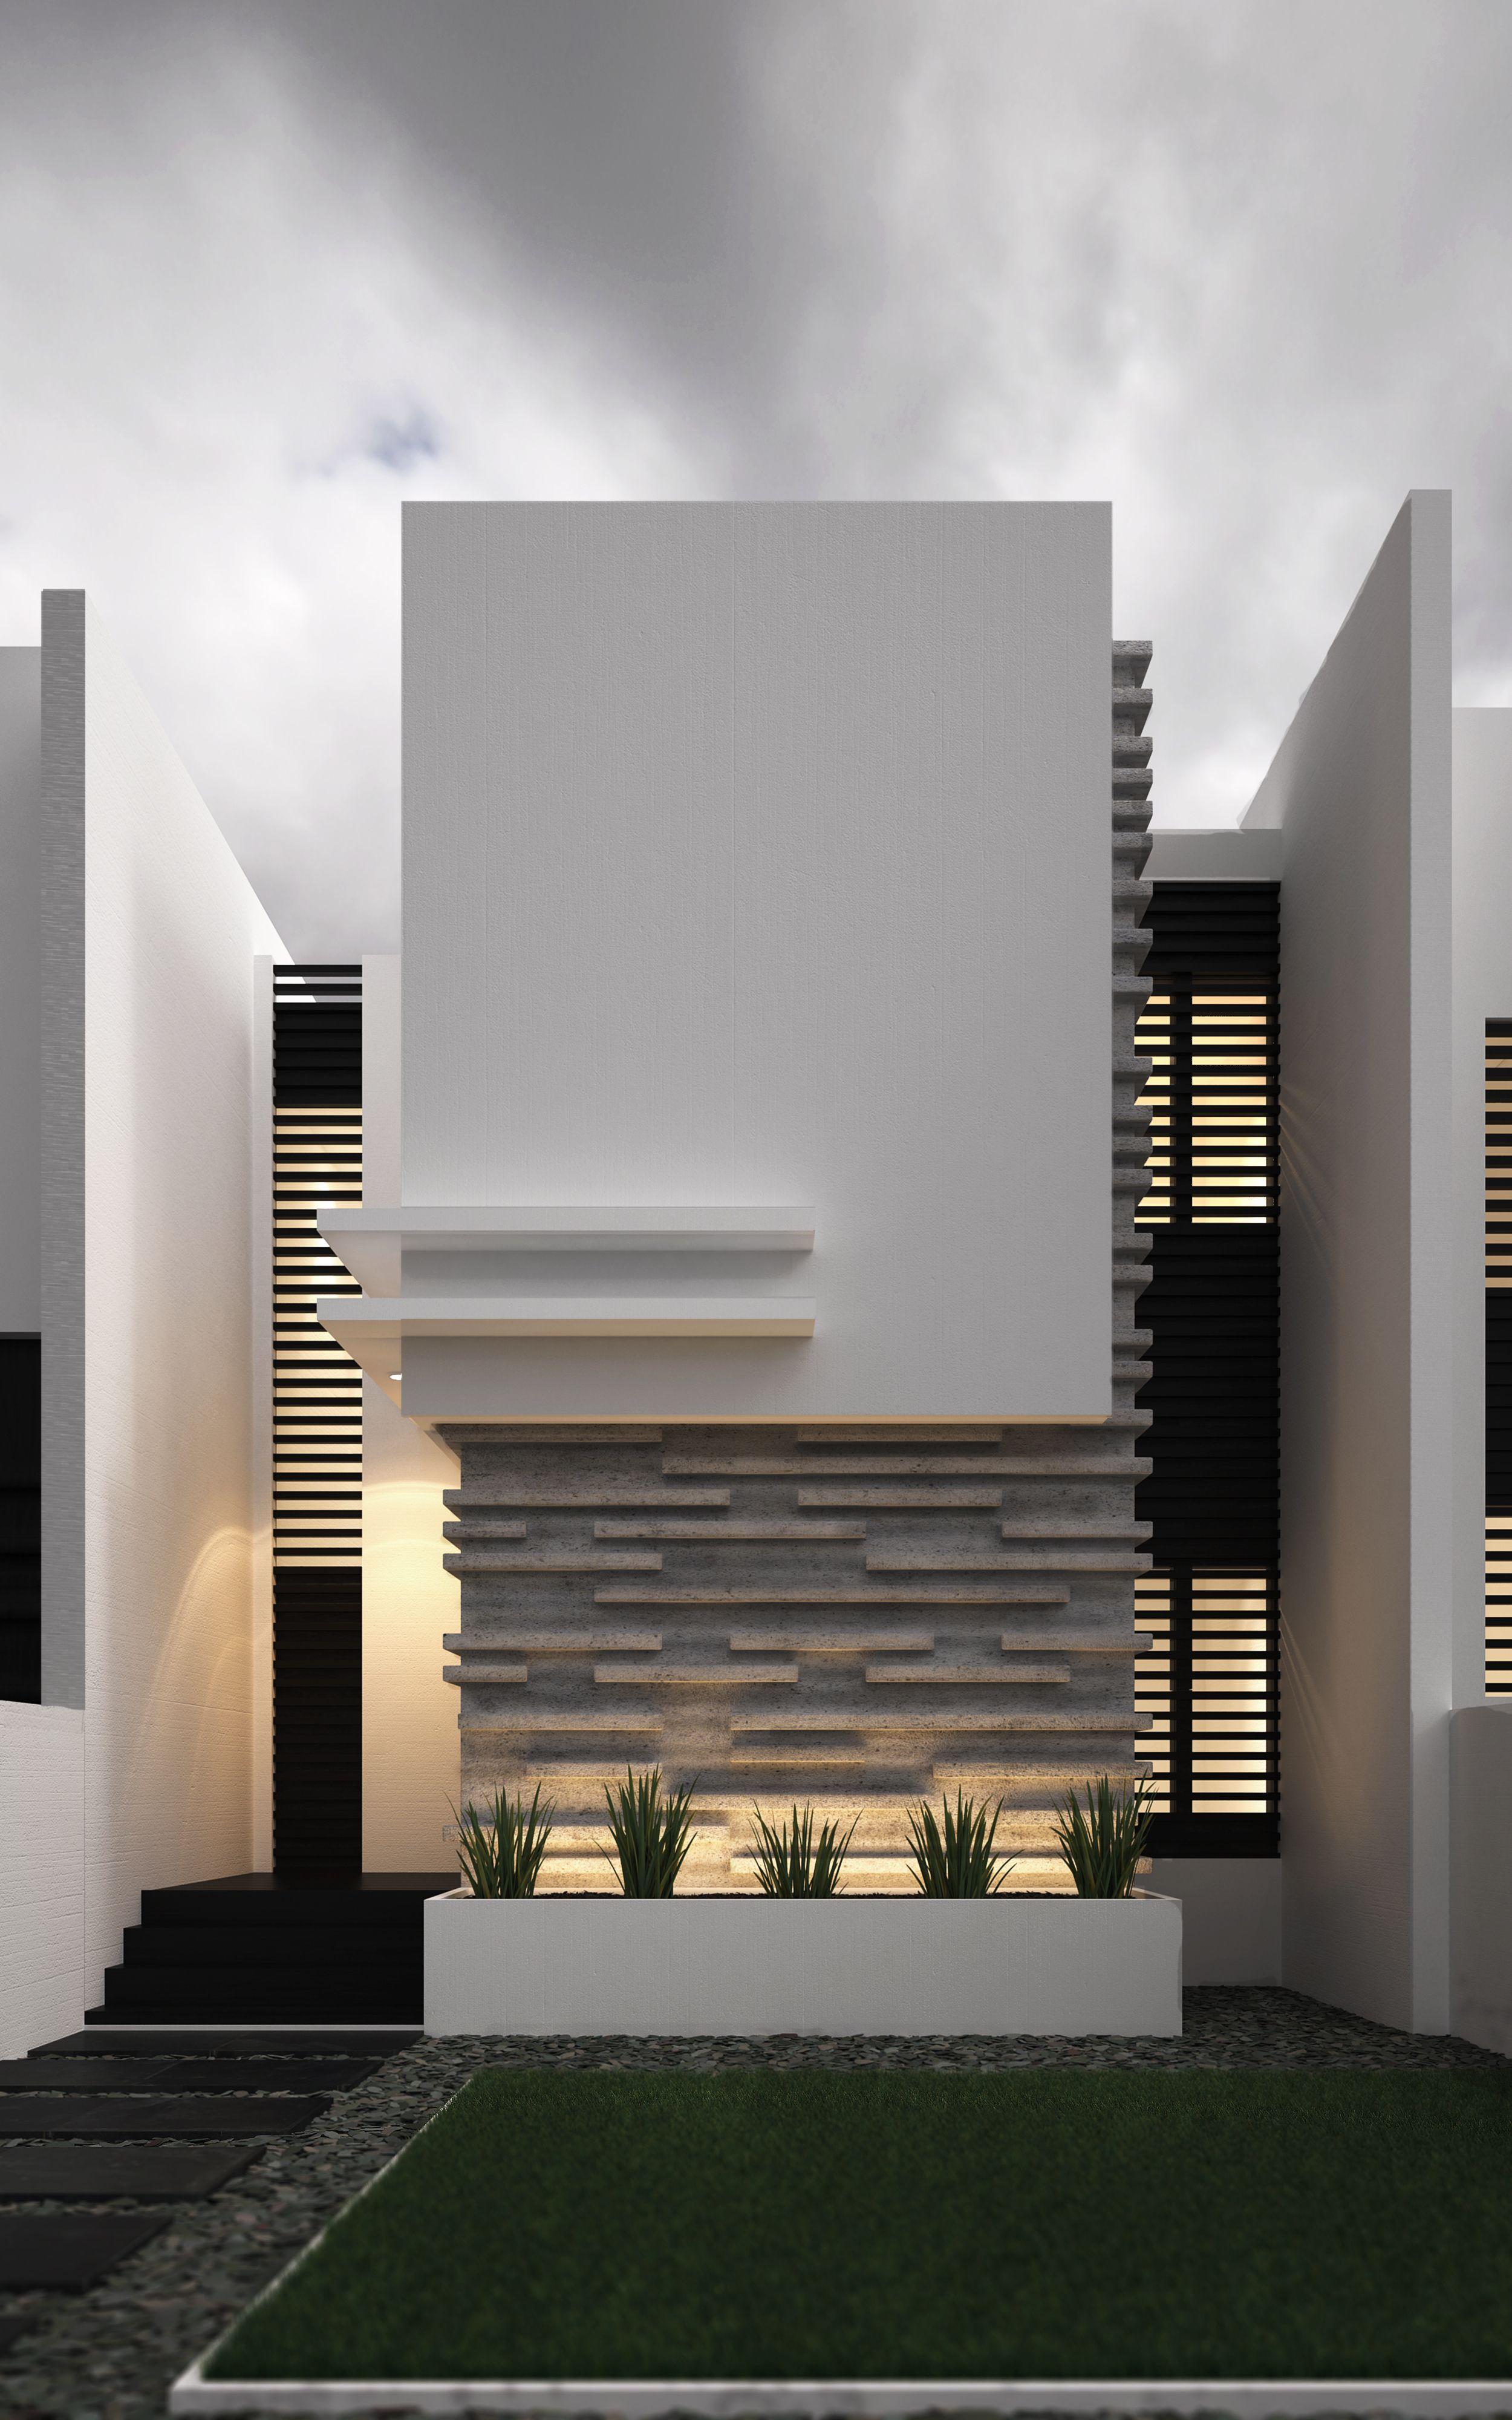 Sensacional cuadrada y minimalista fachadas for Acabados fachadas minimalistas